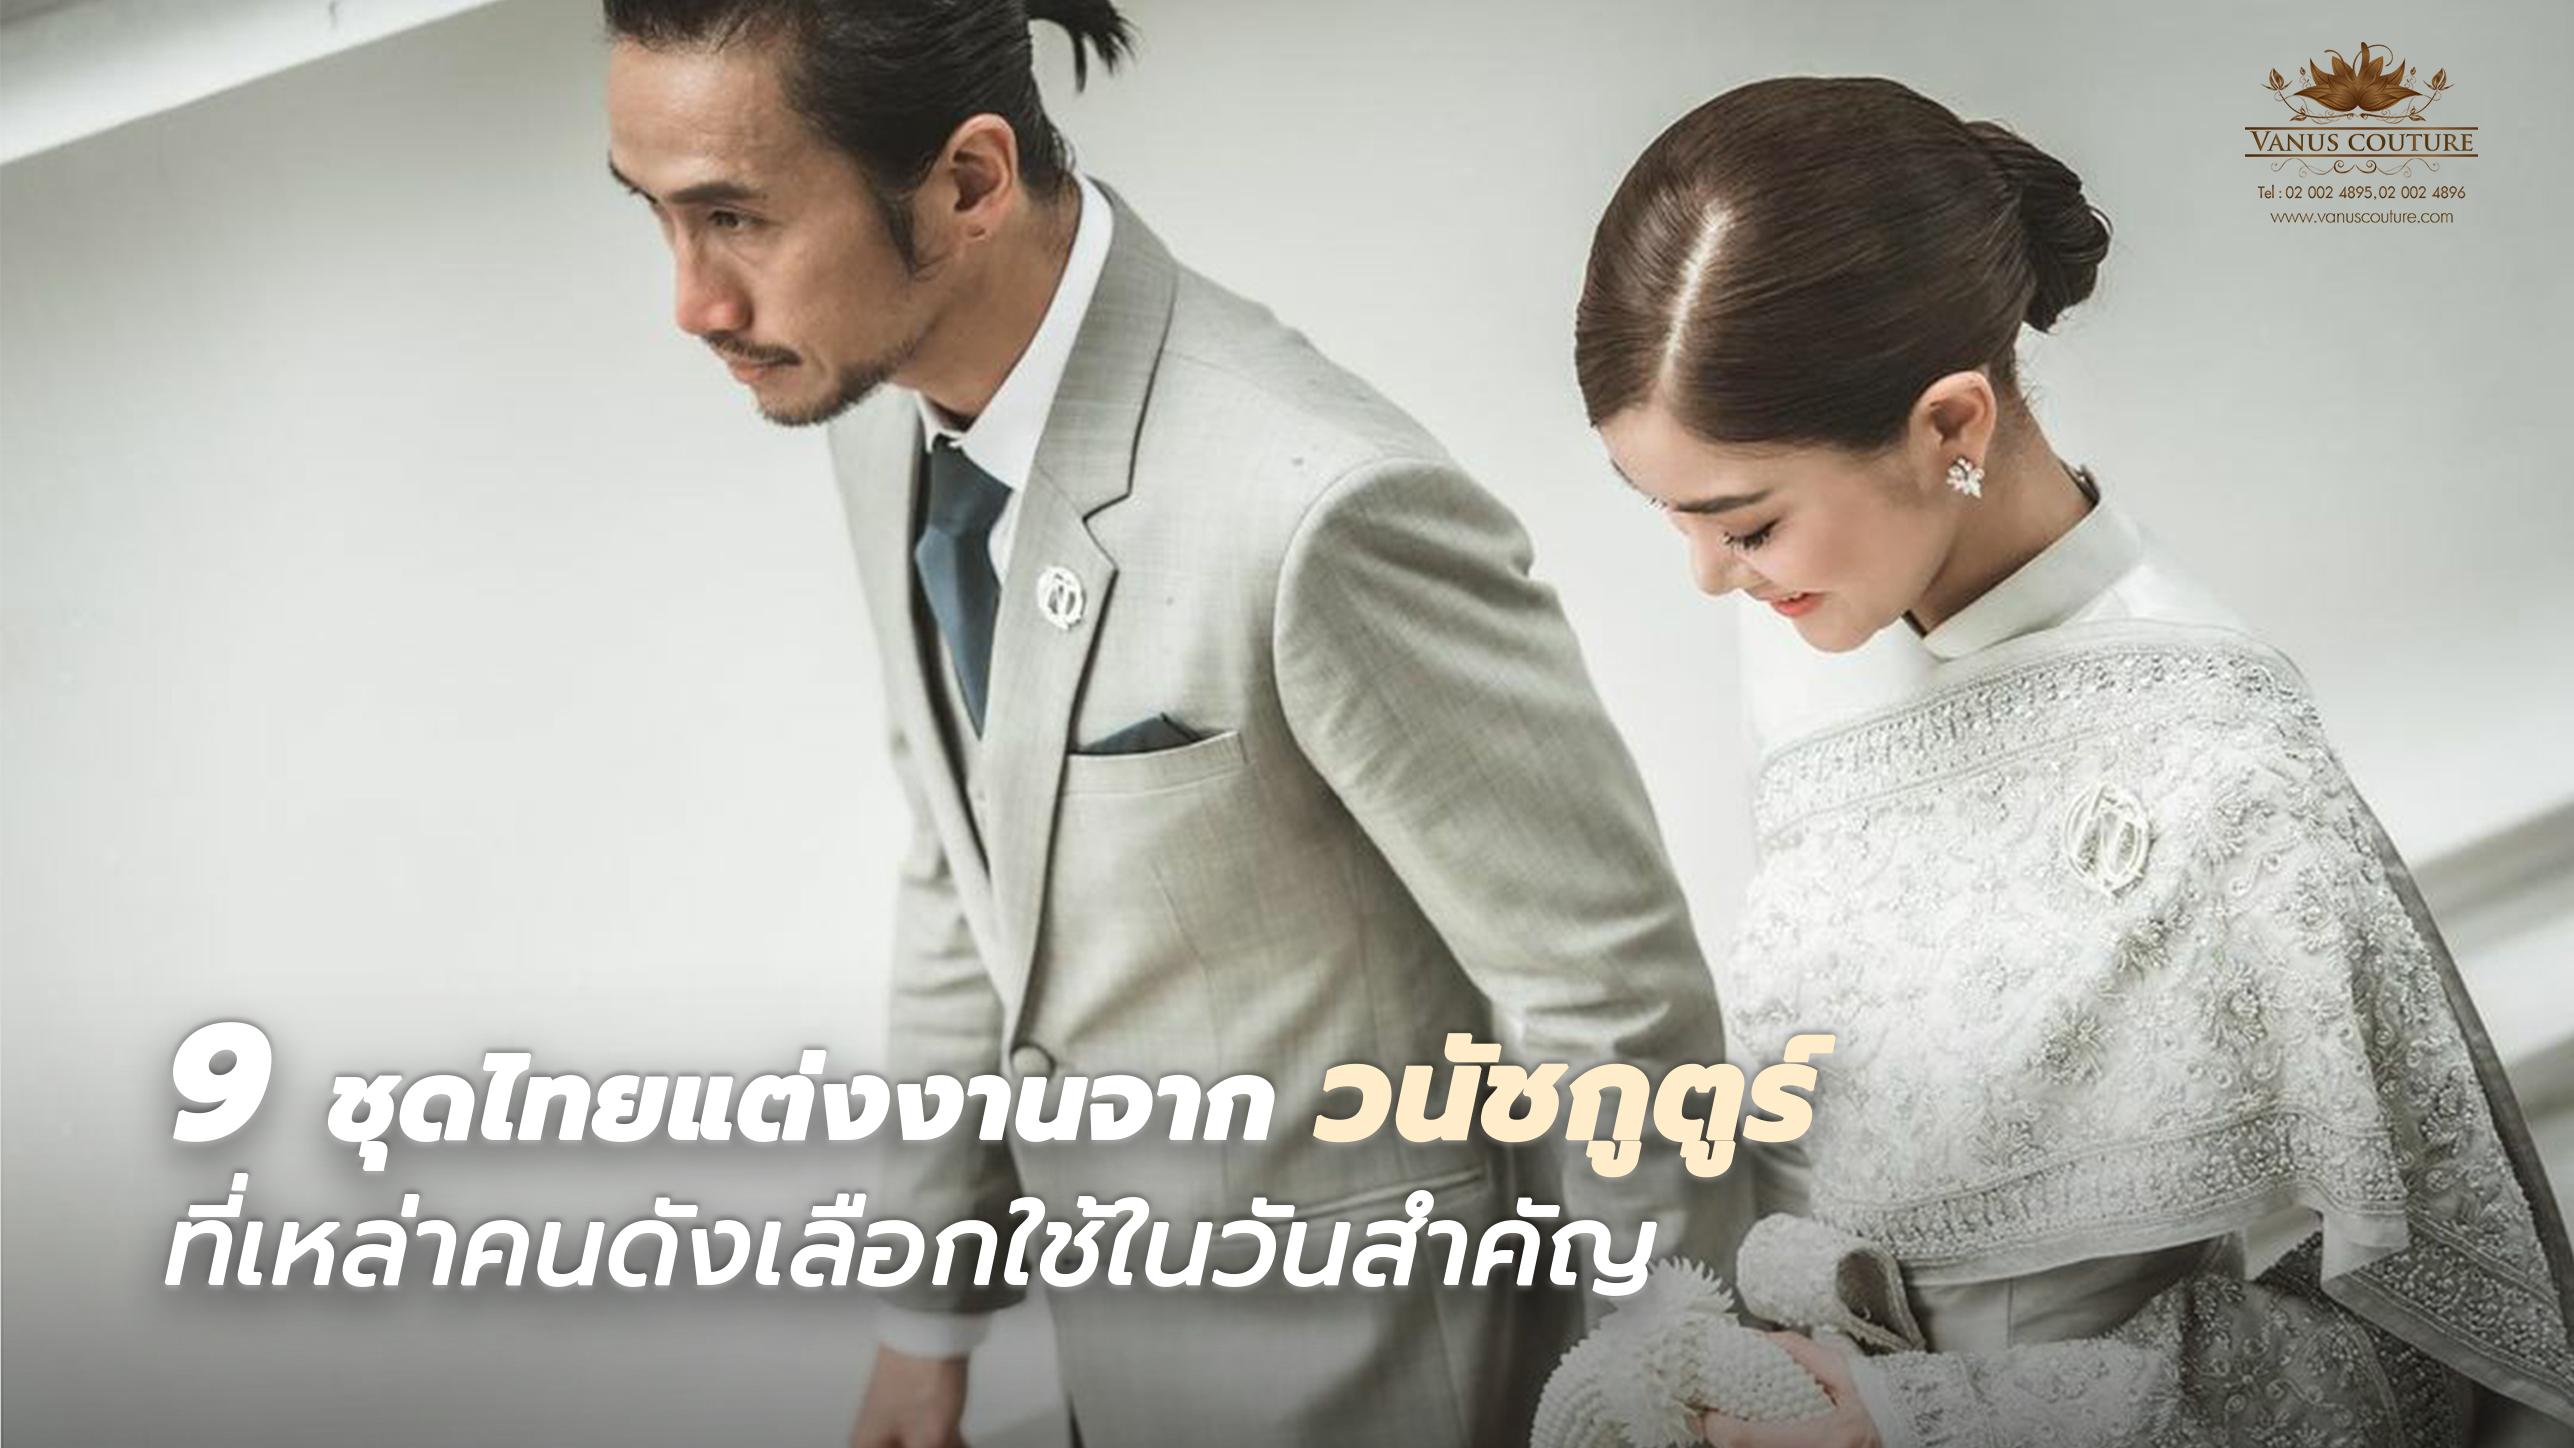 9 ชุดไทยแต่งงานจากวนัชกูตูร์ที่เหล่าคนดังเลือกใช้ในวันสำคัญ